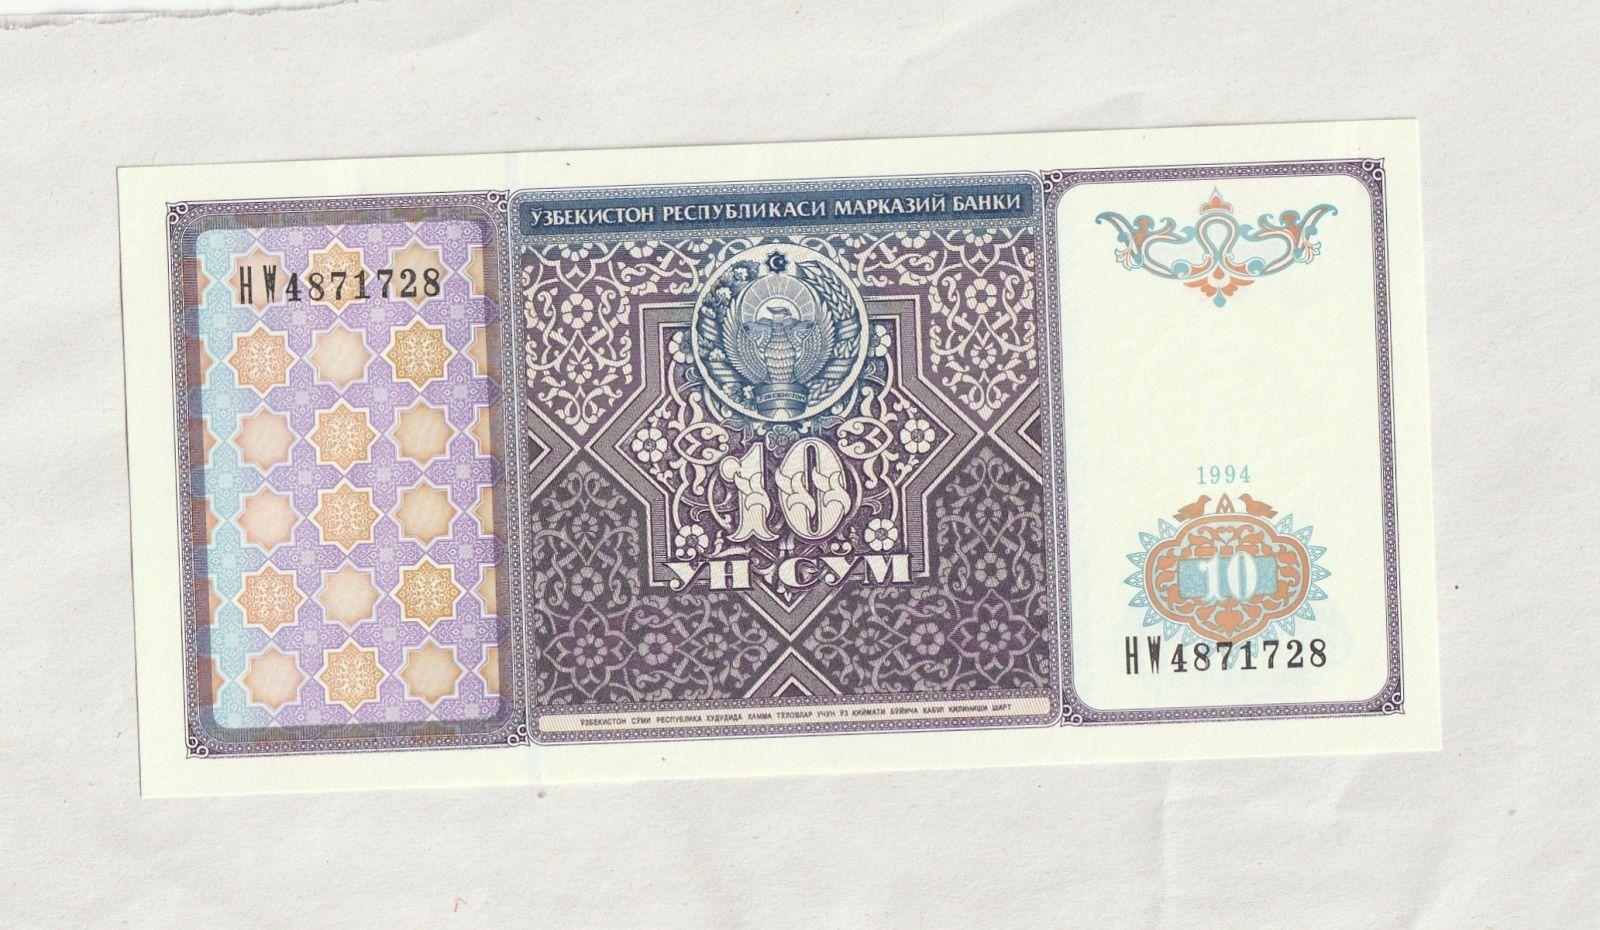 10 Sum, 1994, Uzbekistán